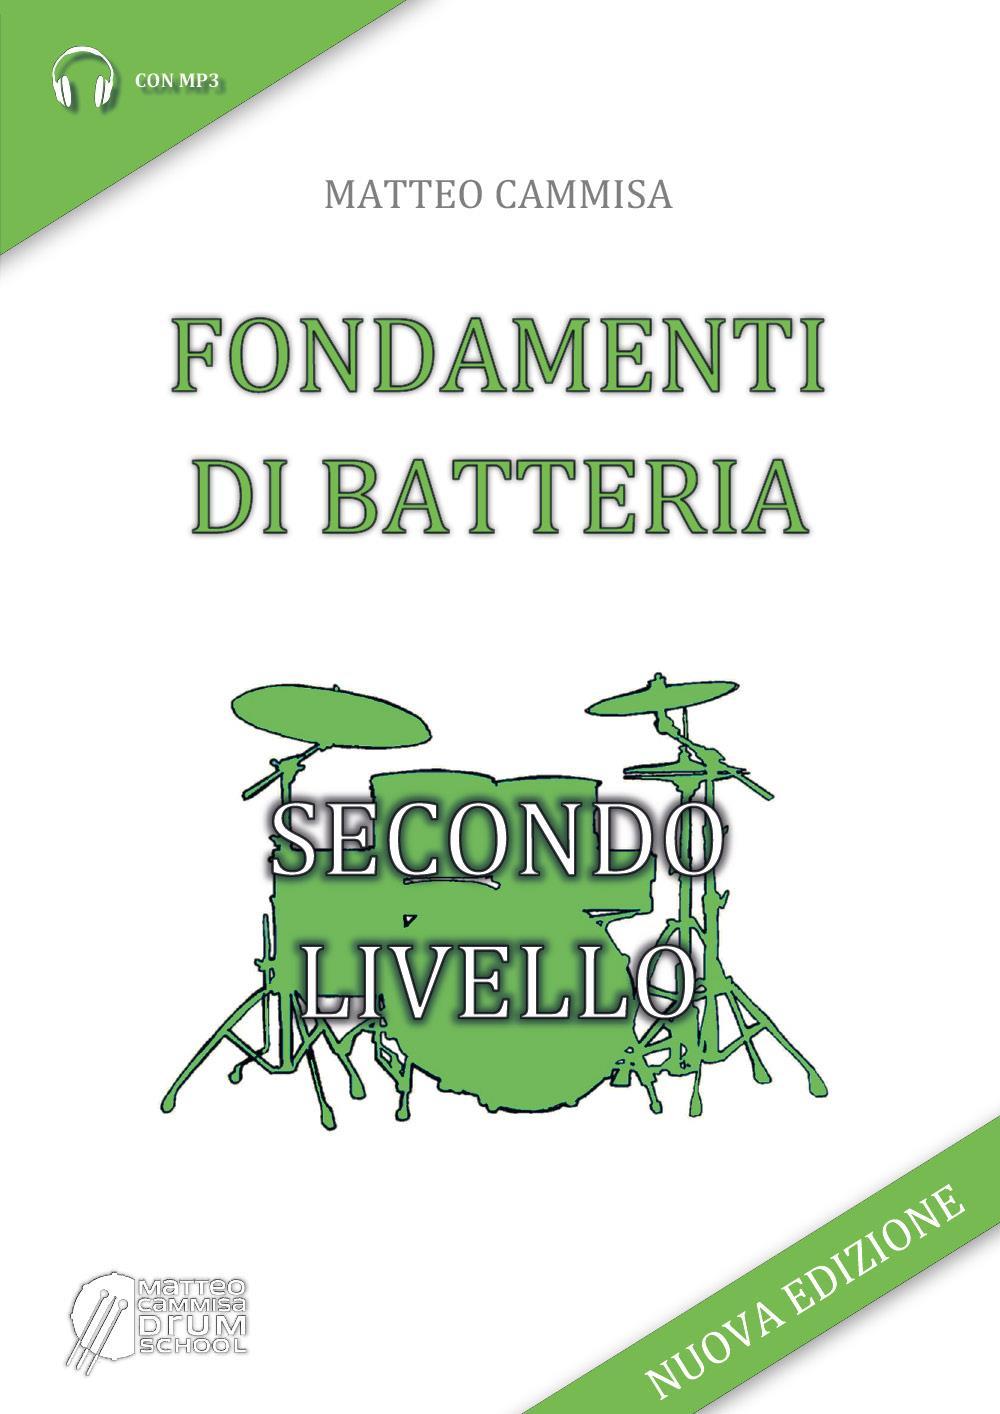 Fondamenti Di Batteria - Secondo Livello